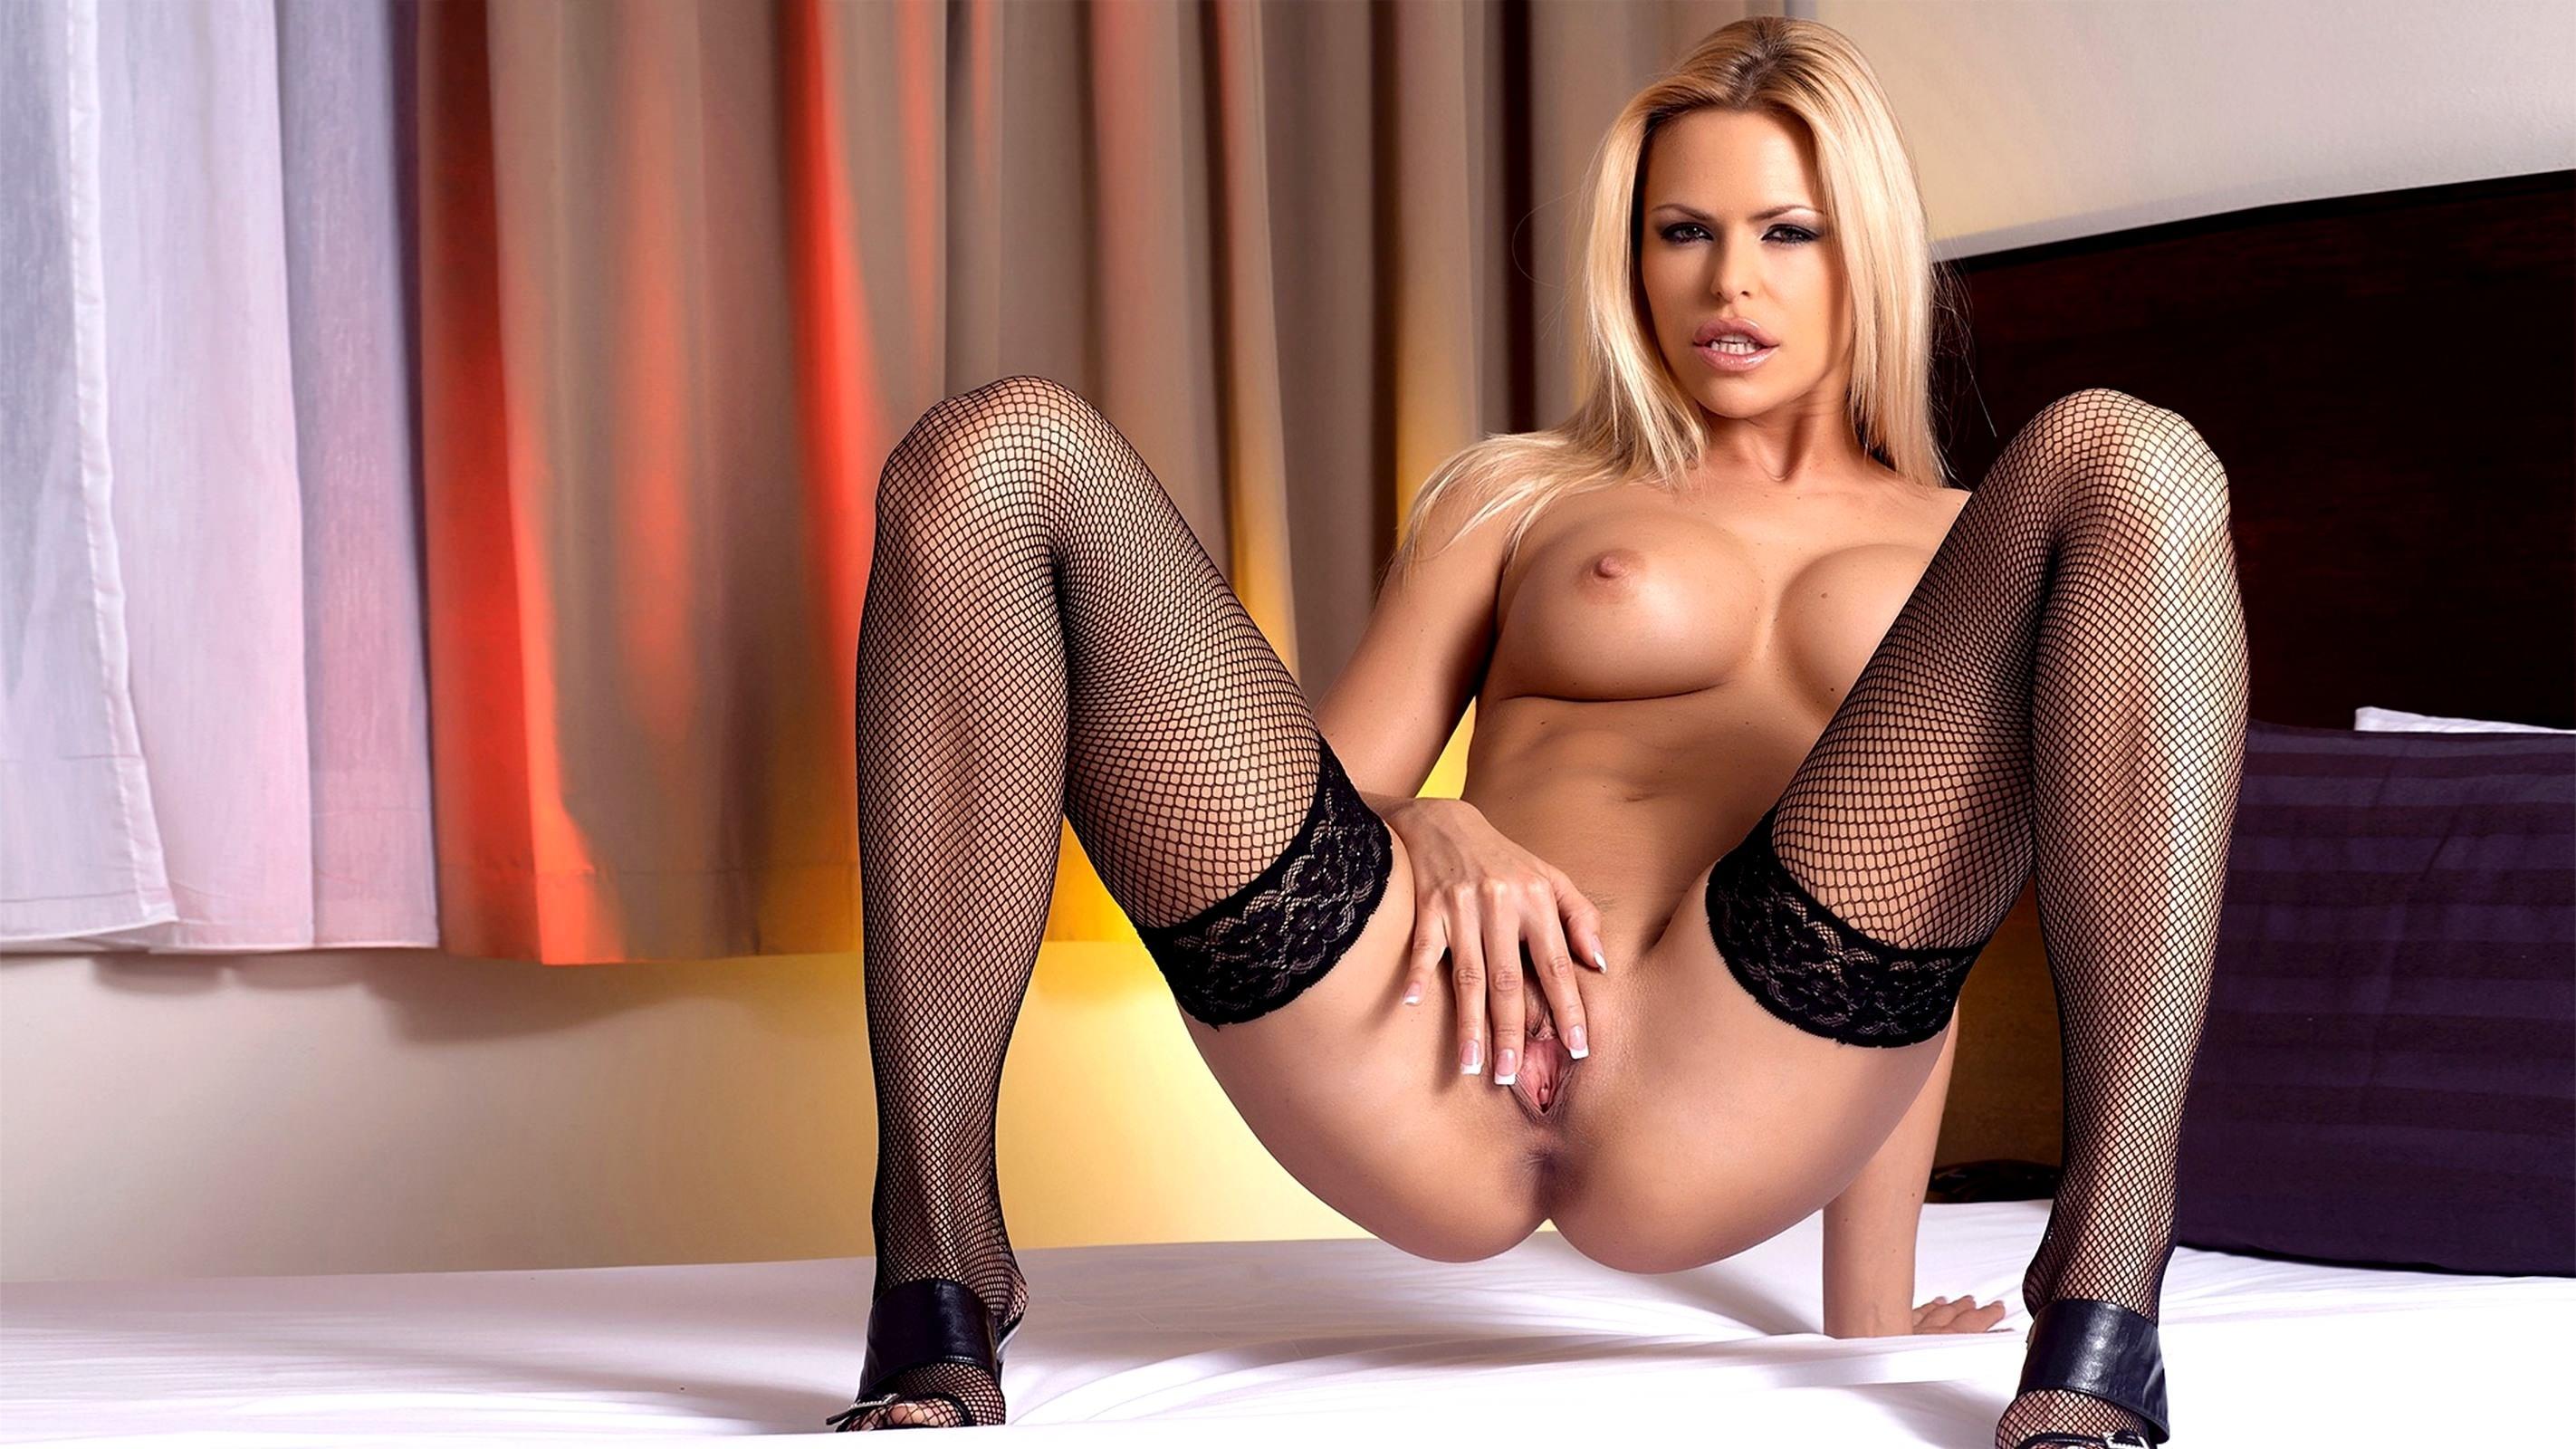 Обнаженные Блондинки В Чулках Порно Модели Скачать